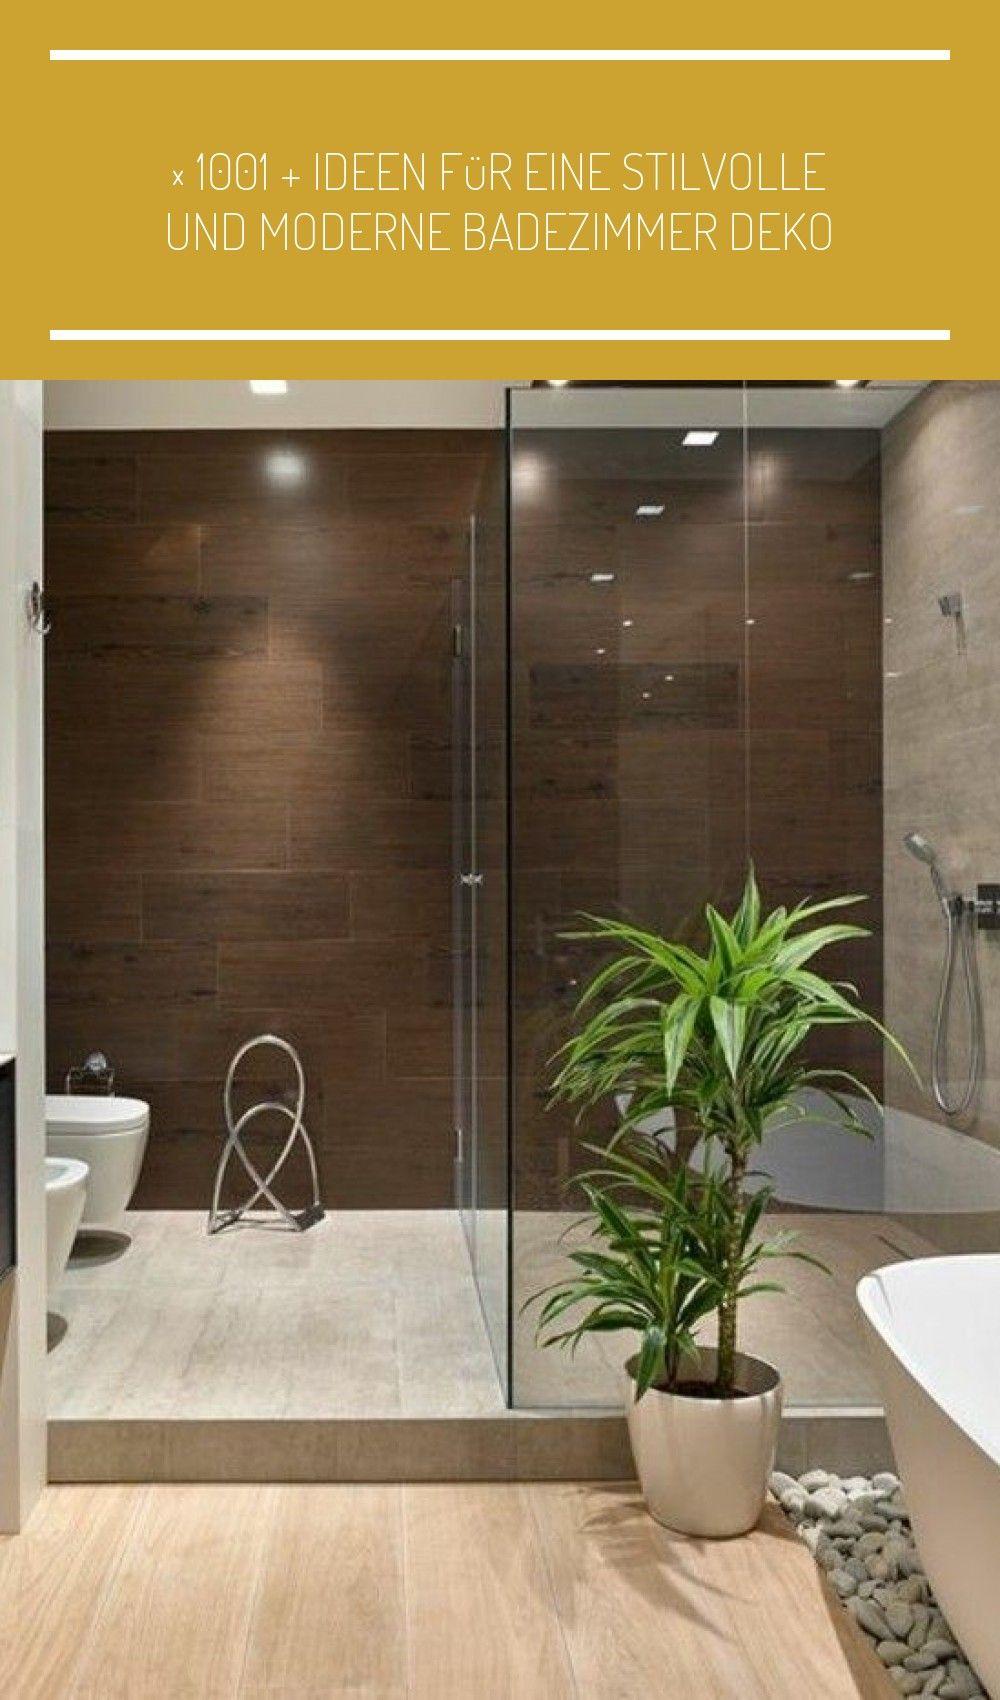 4 Badezimmer Deko Baddesign In Braun Und Weis Blumen Und Pflanzen Modern Farmhouse Bathroom Toil In 2020 Modern Farmhouse Bathroom Modern Farmhouse Farmhouse Bathroom